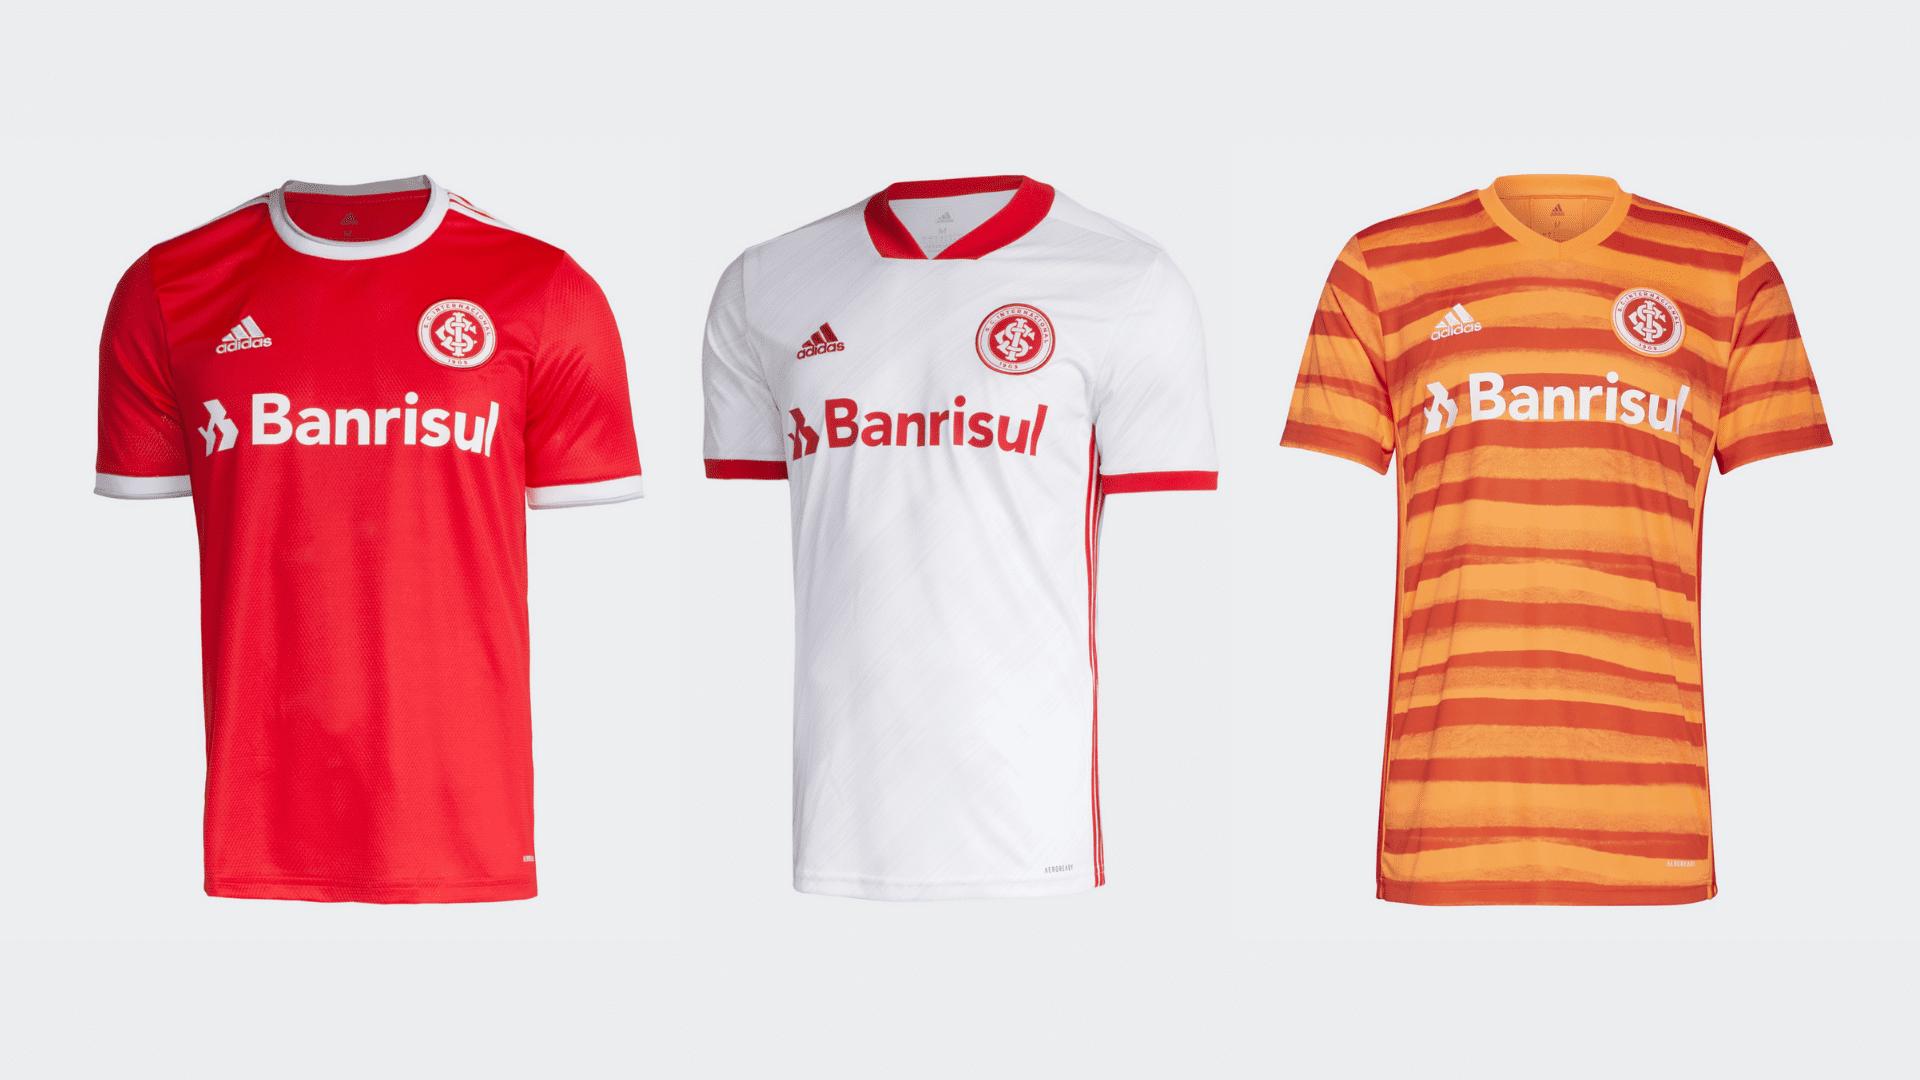 Camisa do Internacional 2020 Adidas Jogo 1, 2 e 3 (Imagem: Divulgação/Adidas)